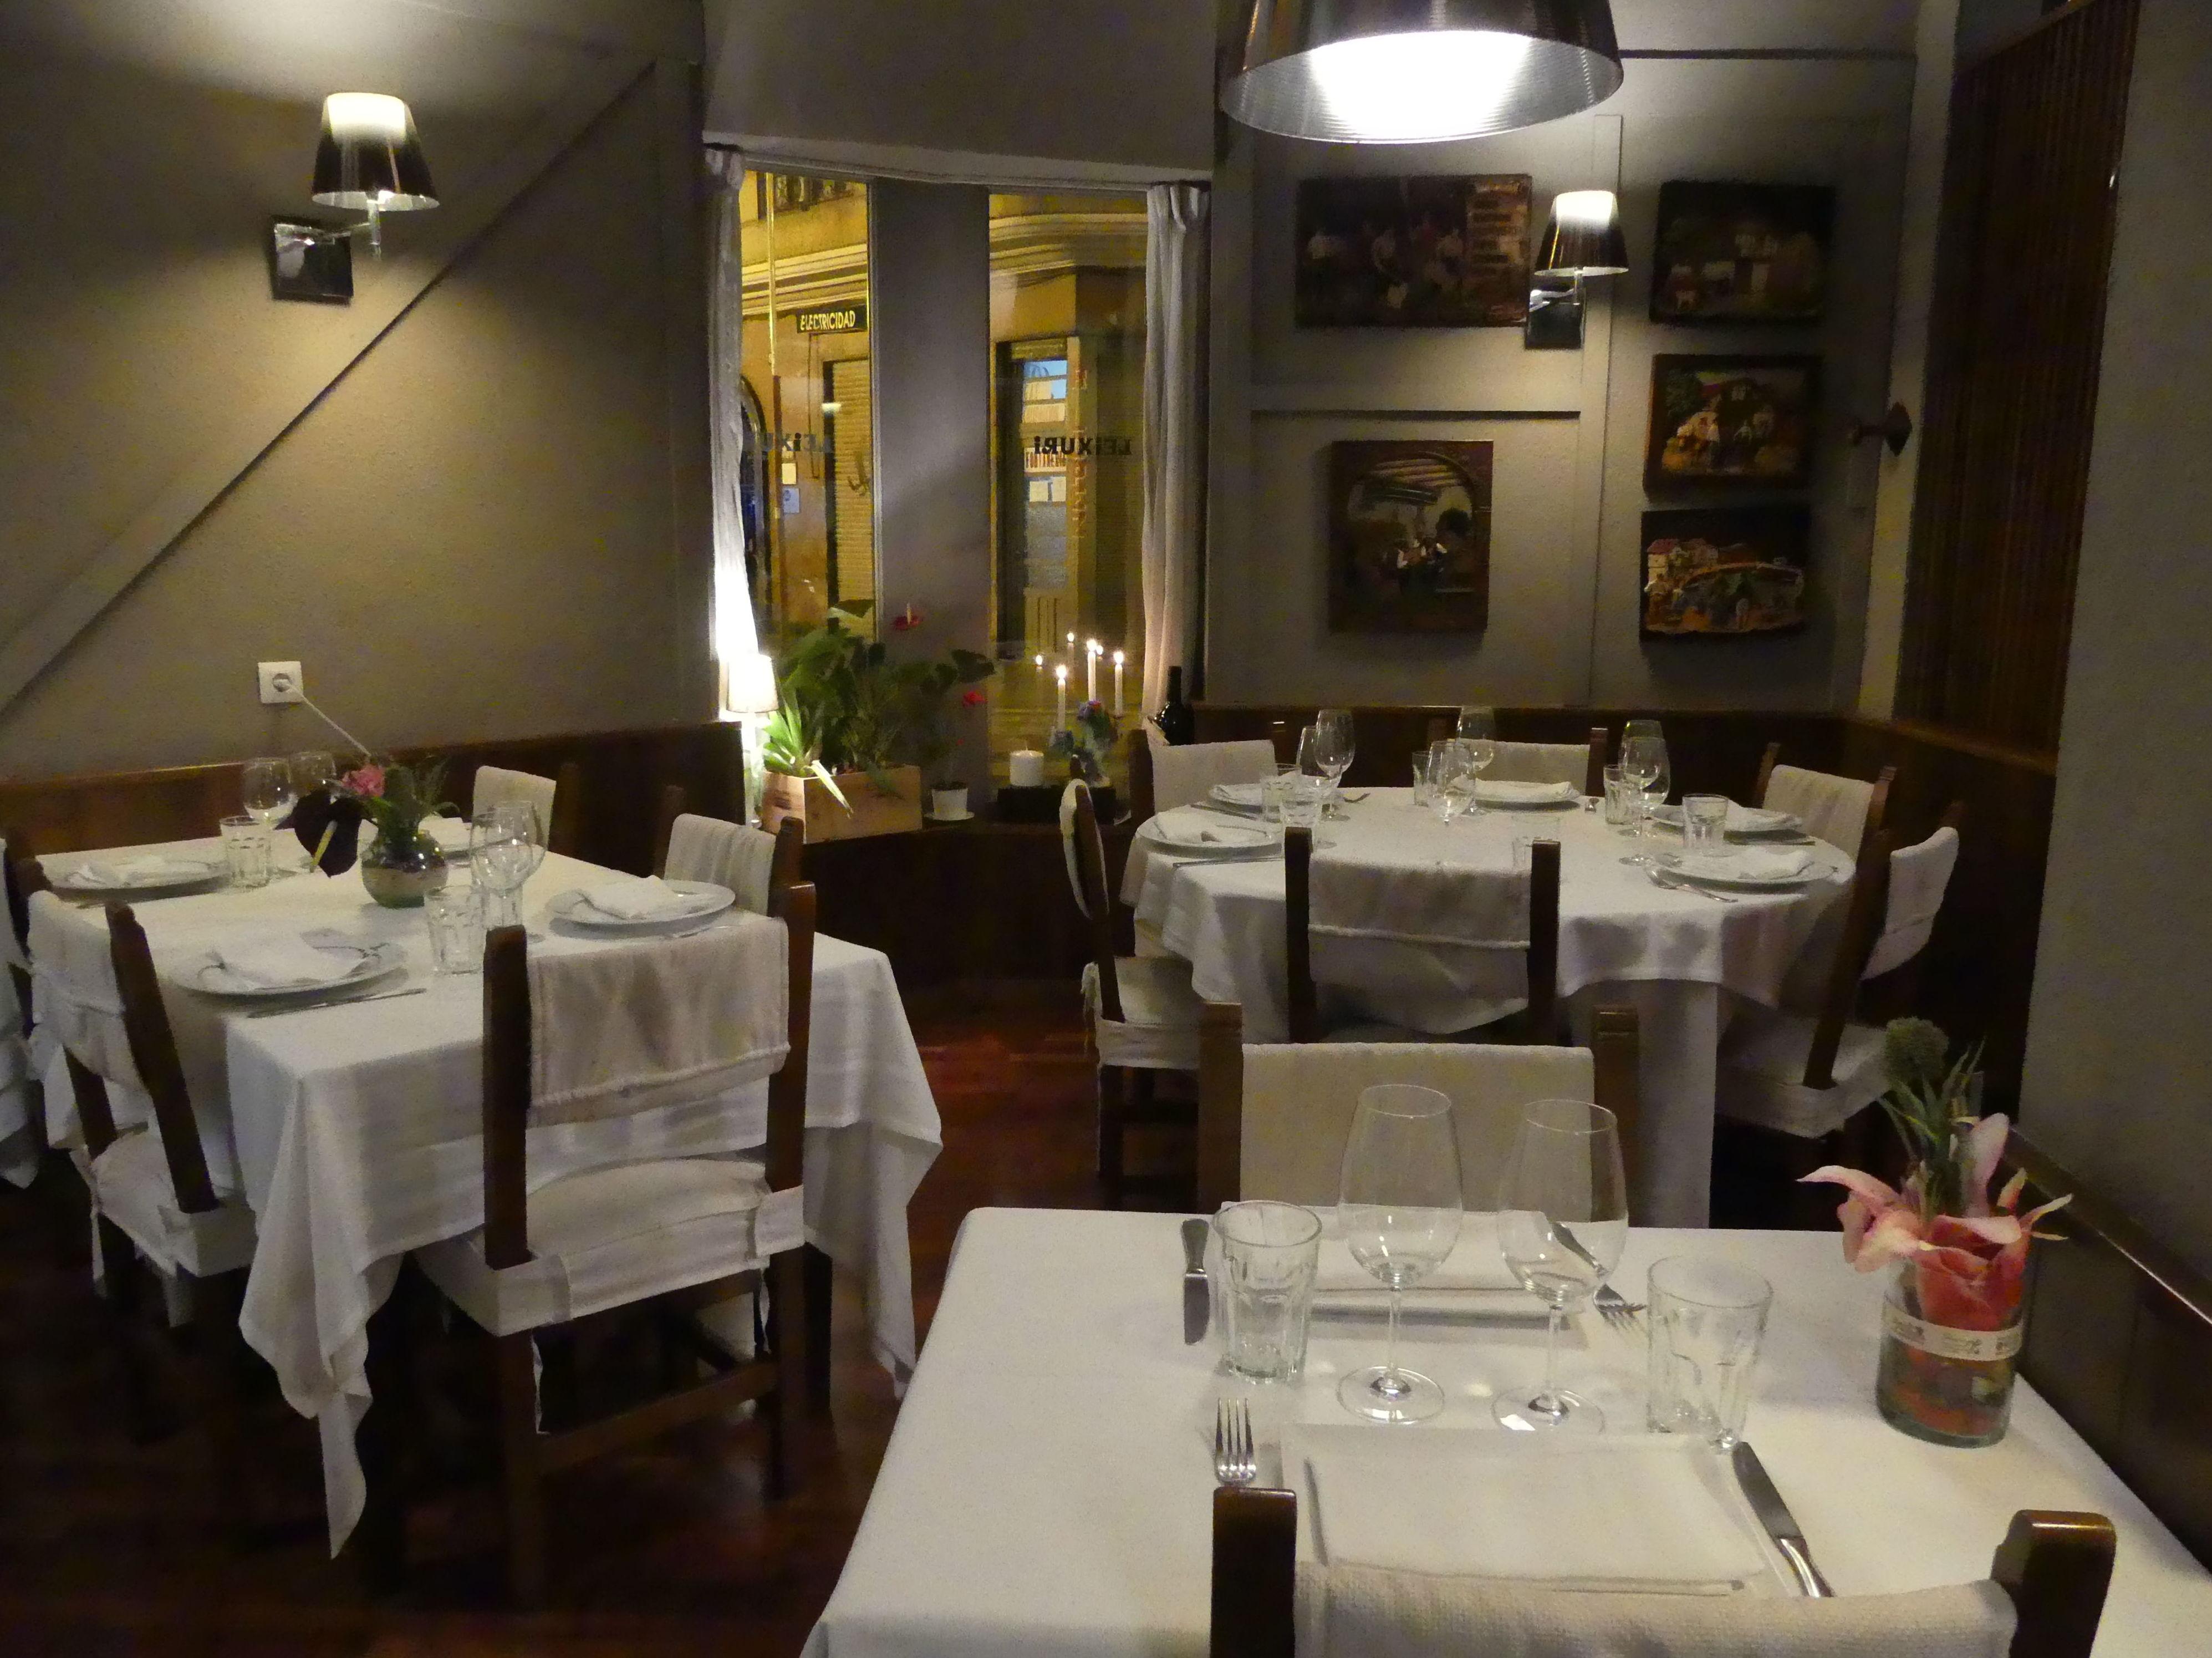 Foto 25 de Cocina vasca en Valencia | Restaurante Leixuri